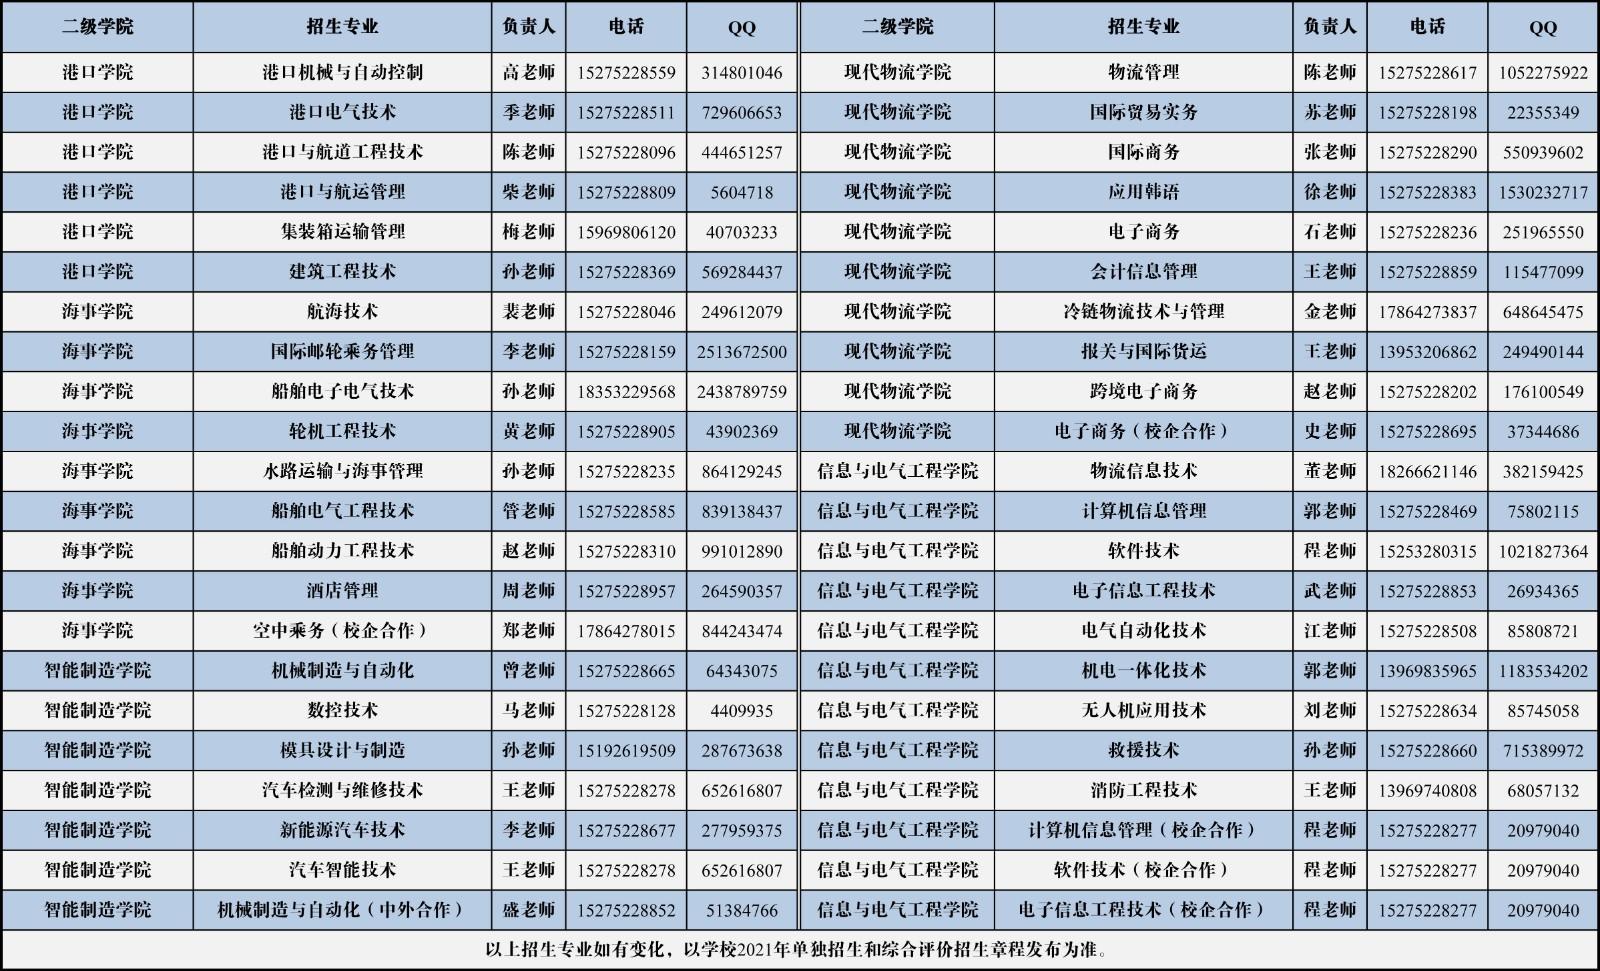 青岛港湾职业技术学院招生专业一览表(单招+综招)(带专业咨询方式)-不带学费.jpg